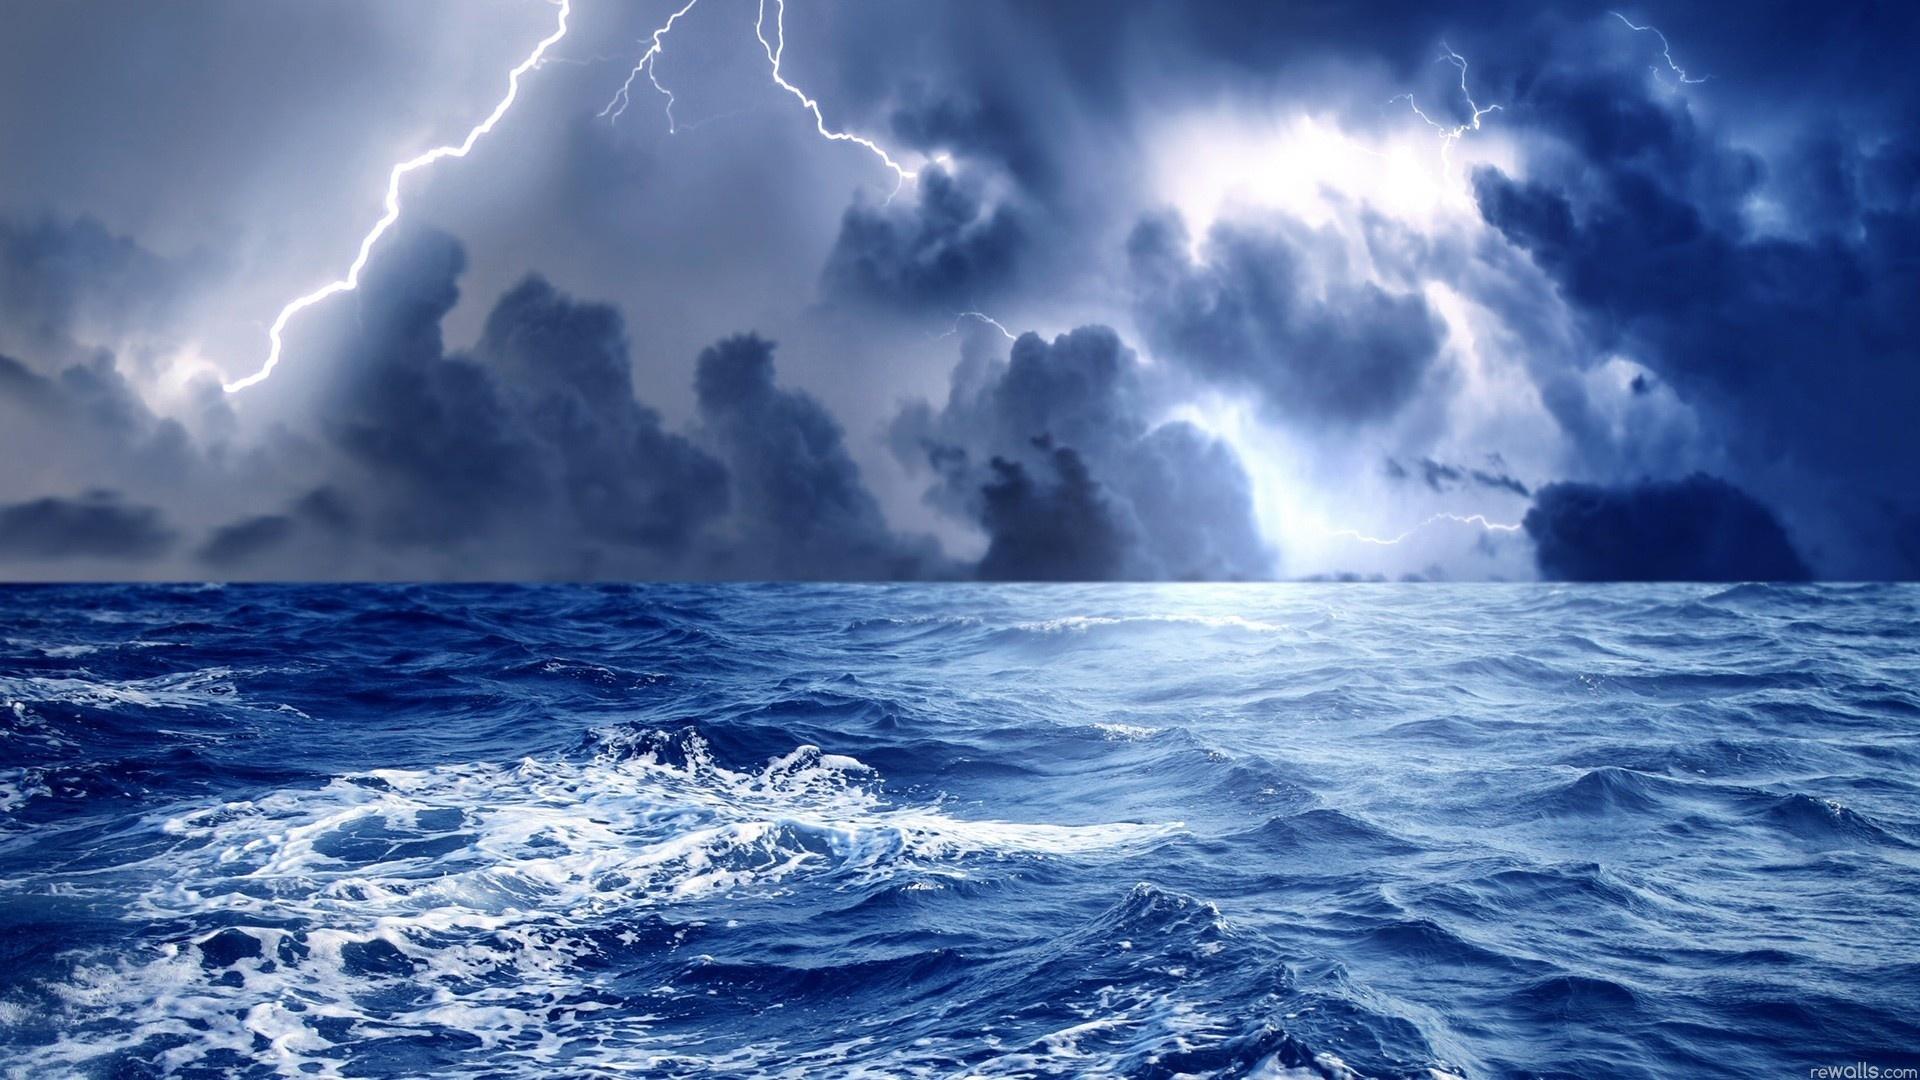 20722 скачать обои Молнии, Пейзаж, Море, Облака - заставки и картинки бесплатно